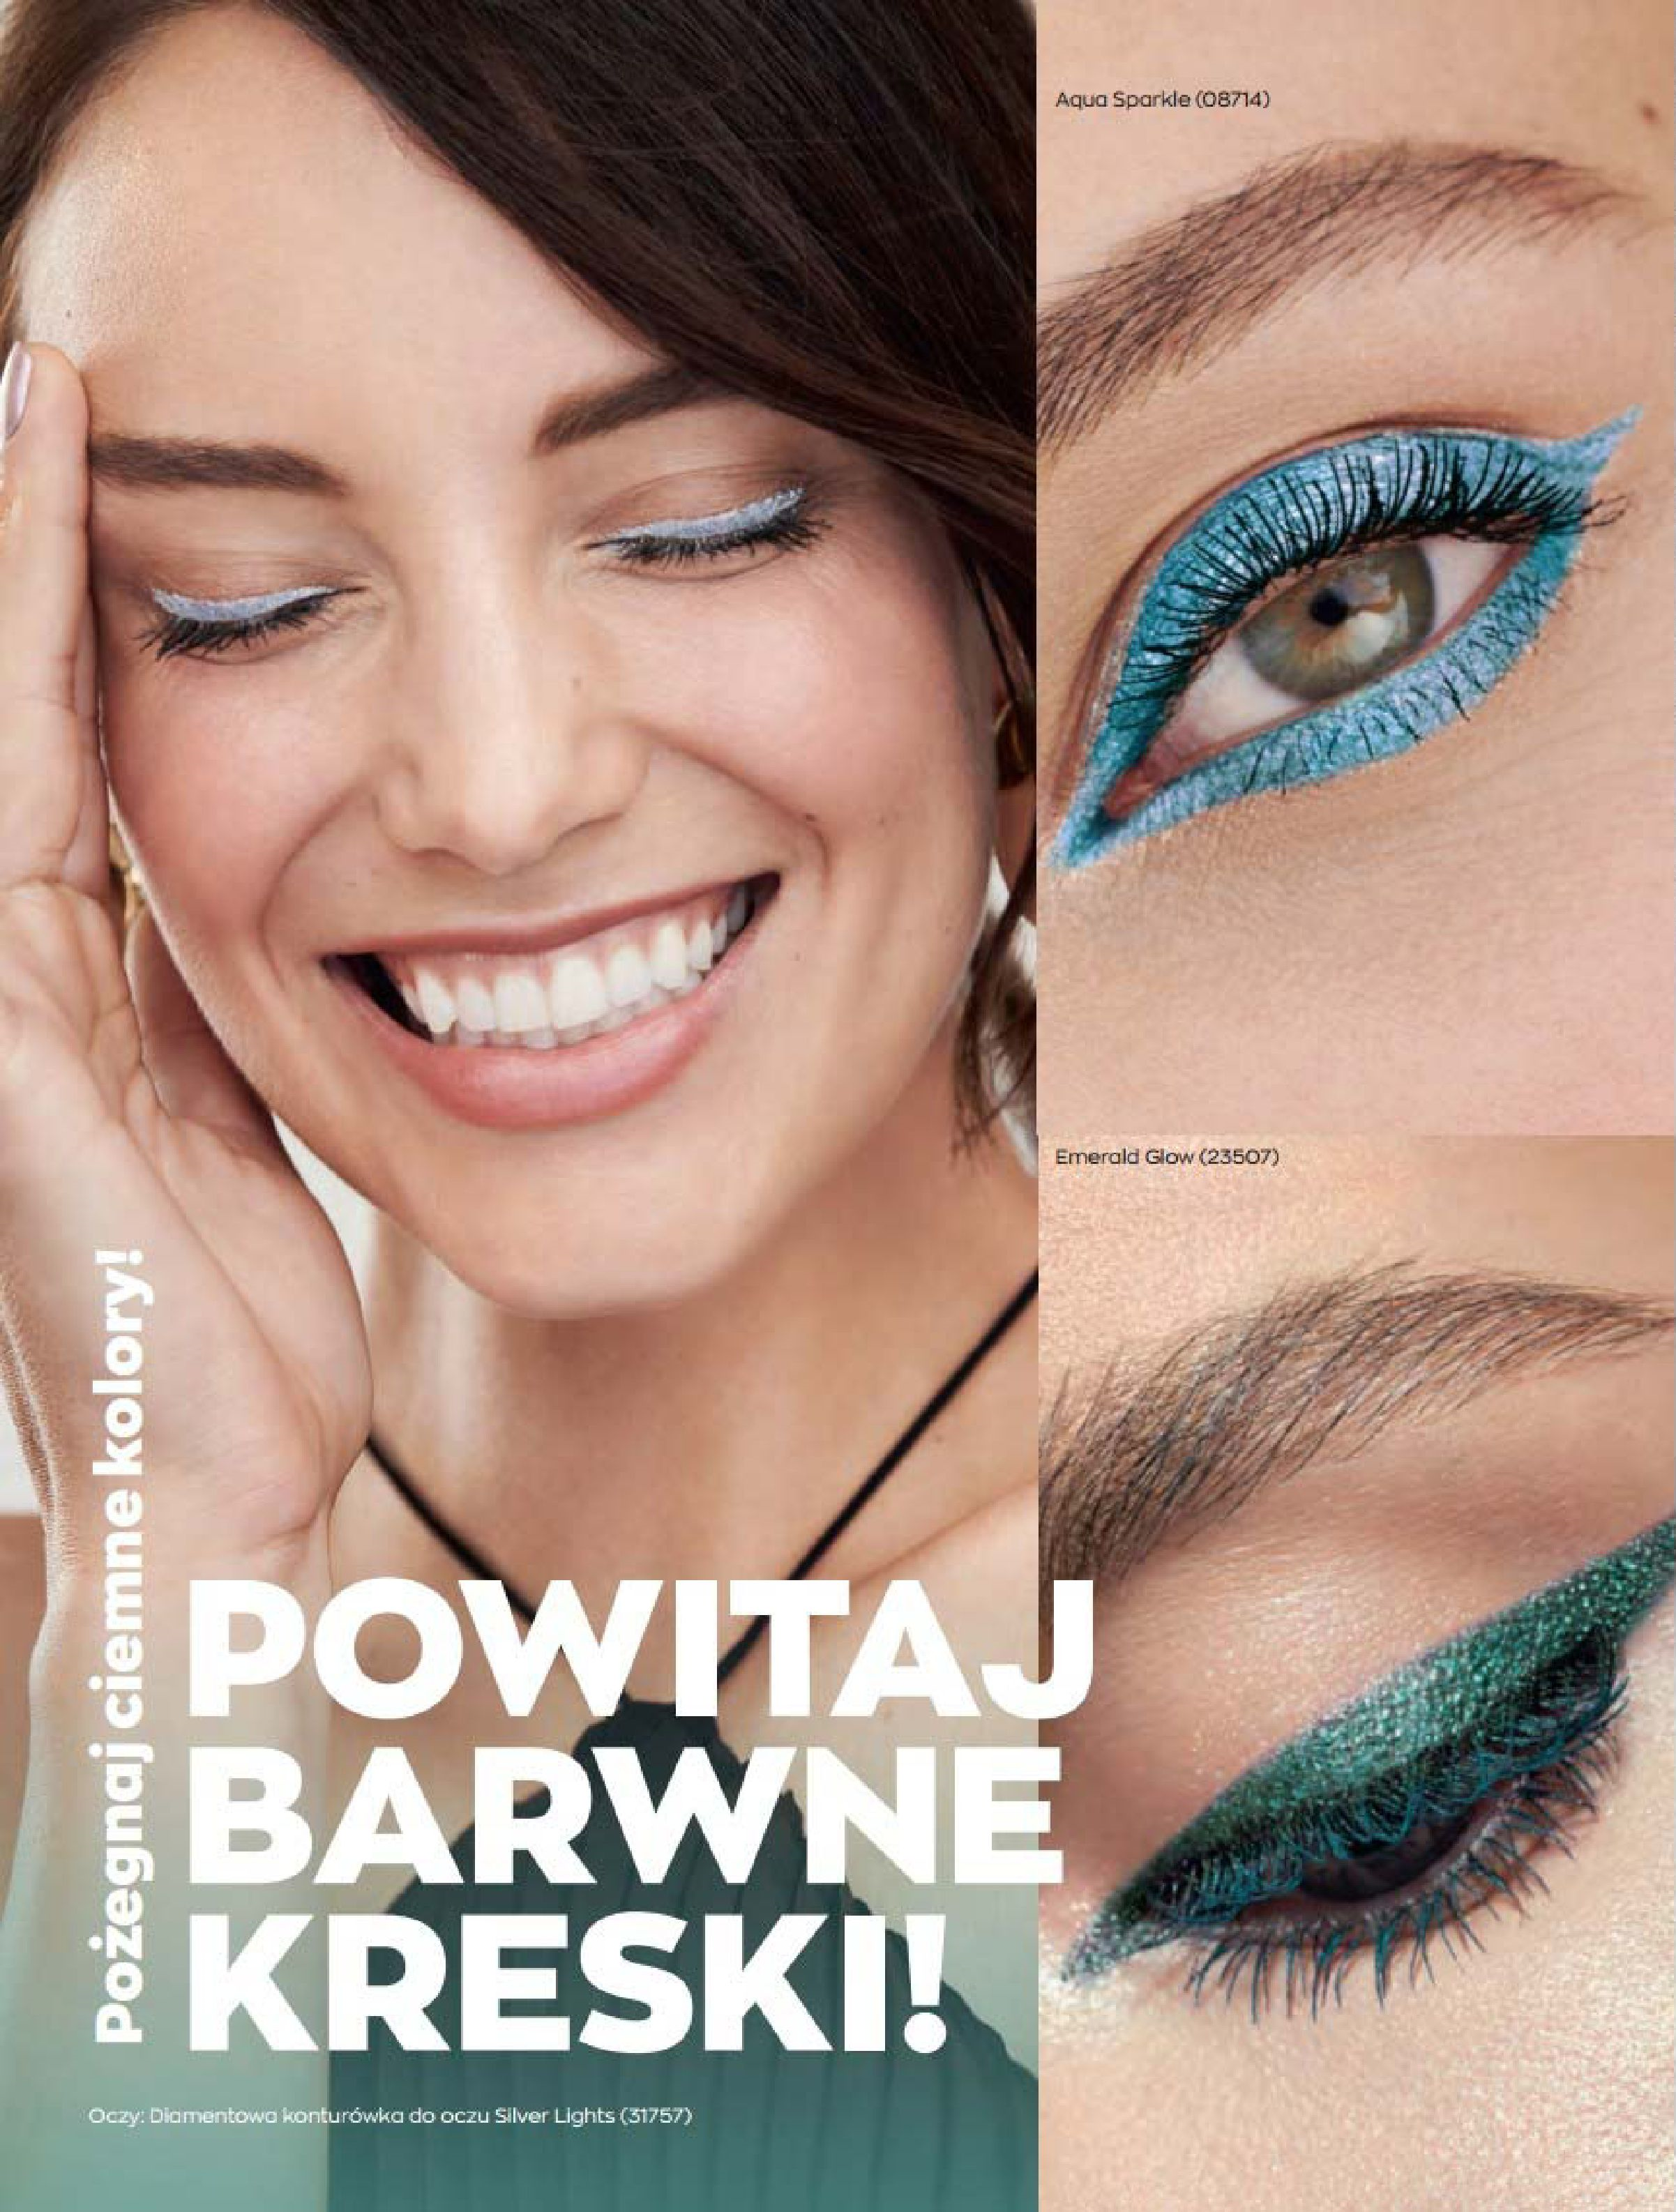 Gazetka Avon: Katalog Kwiecień 2021 2021-04-01 page-76